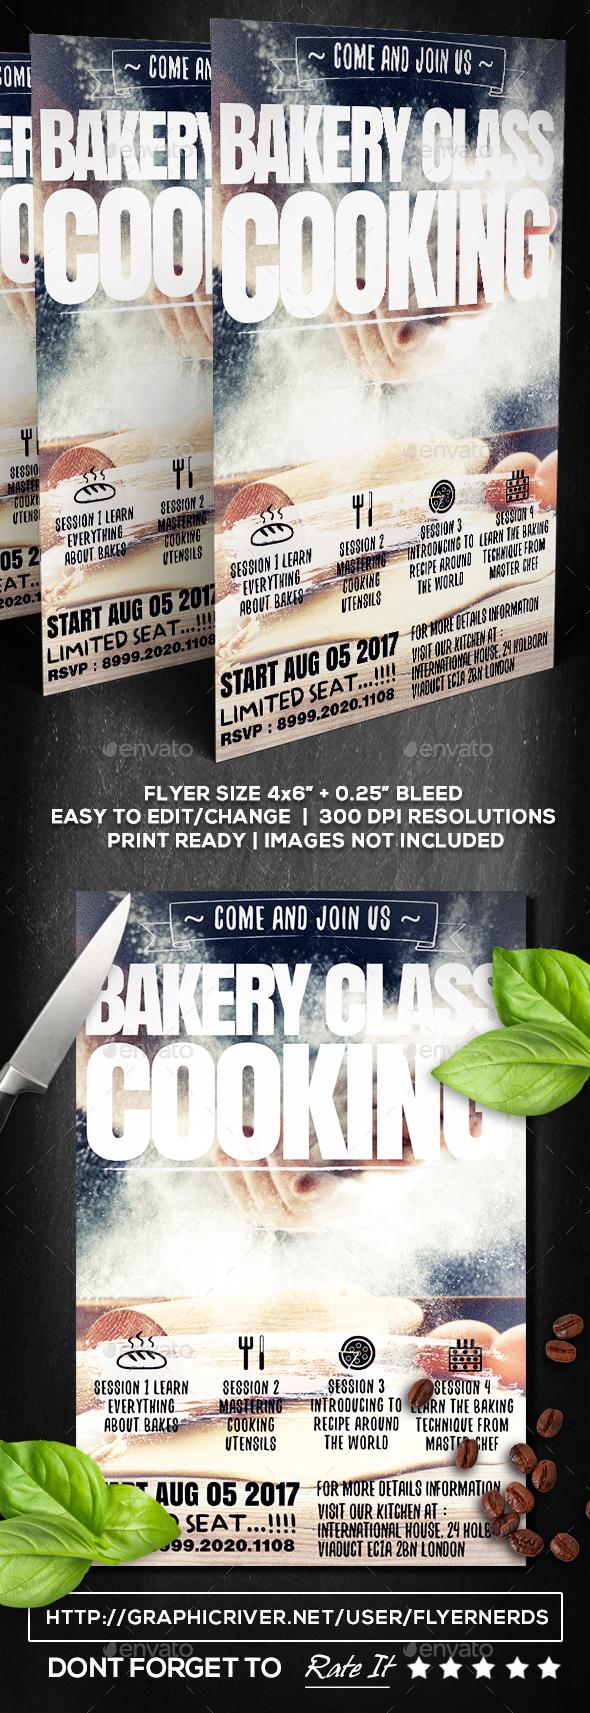 Bakery Class Flyer - Restaurant Flyers